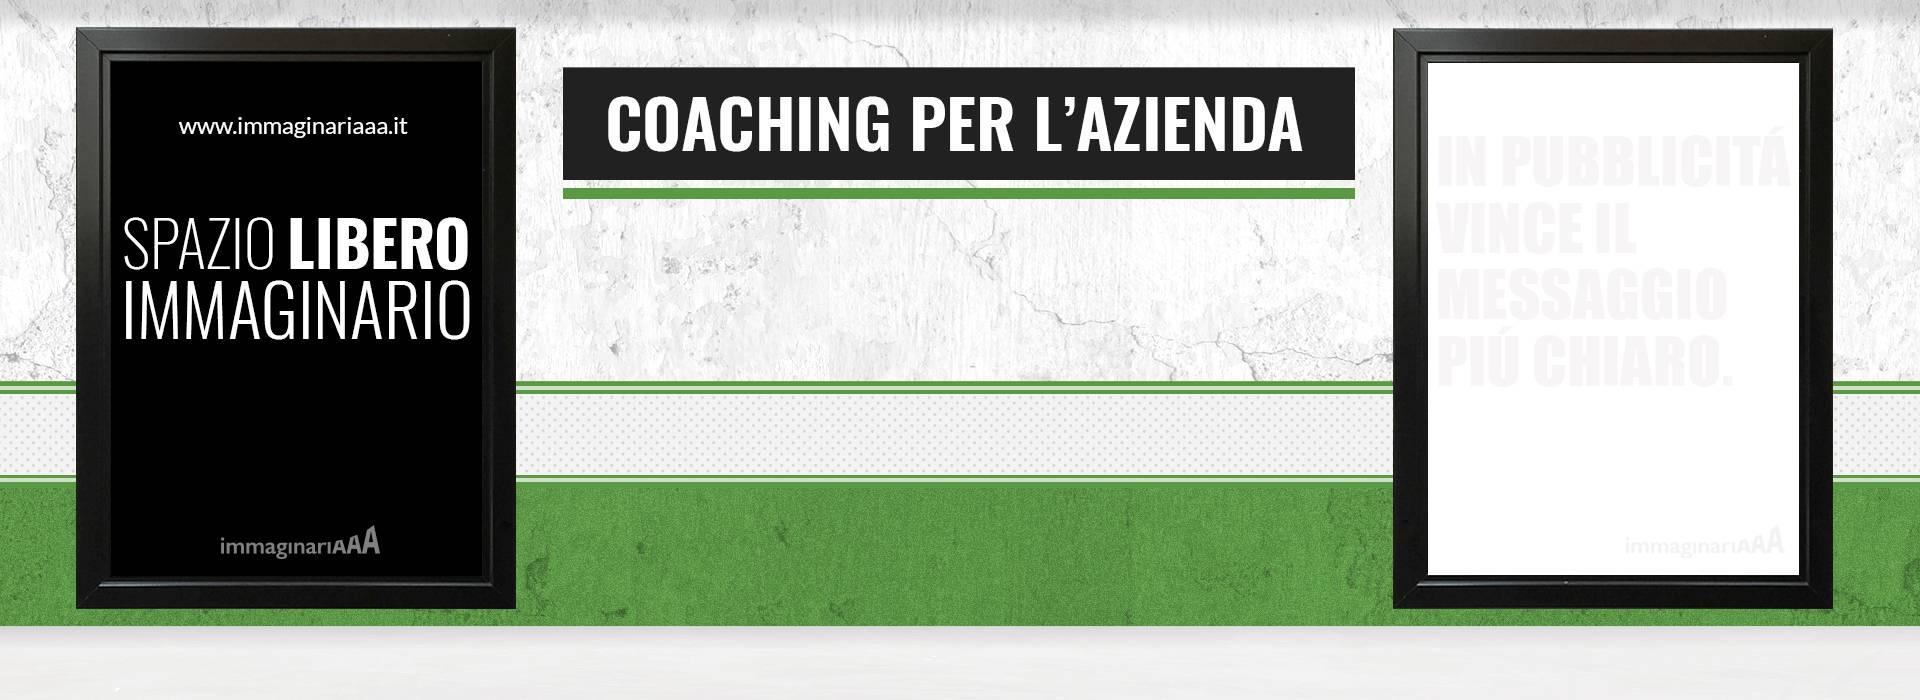 Coaching per l'azienda